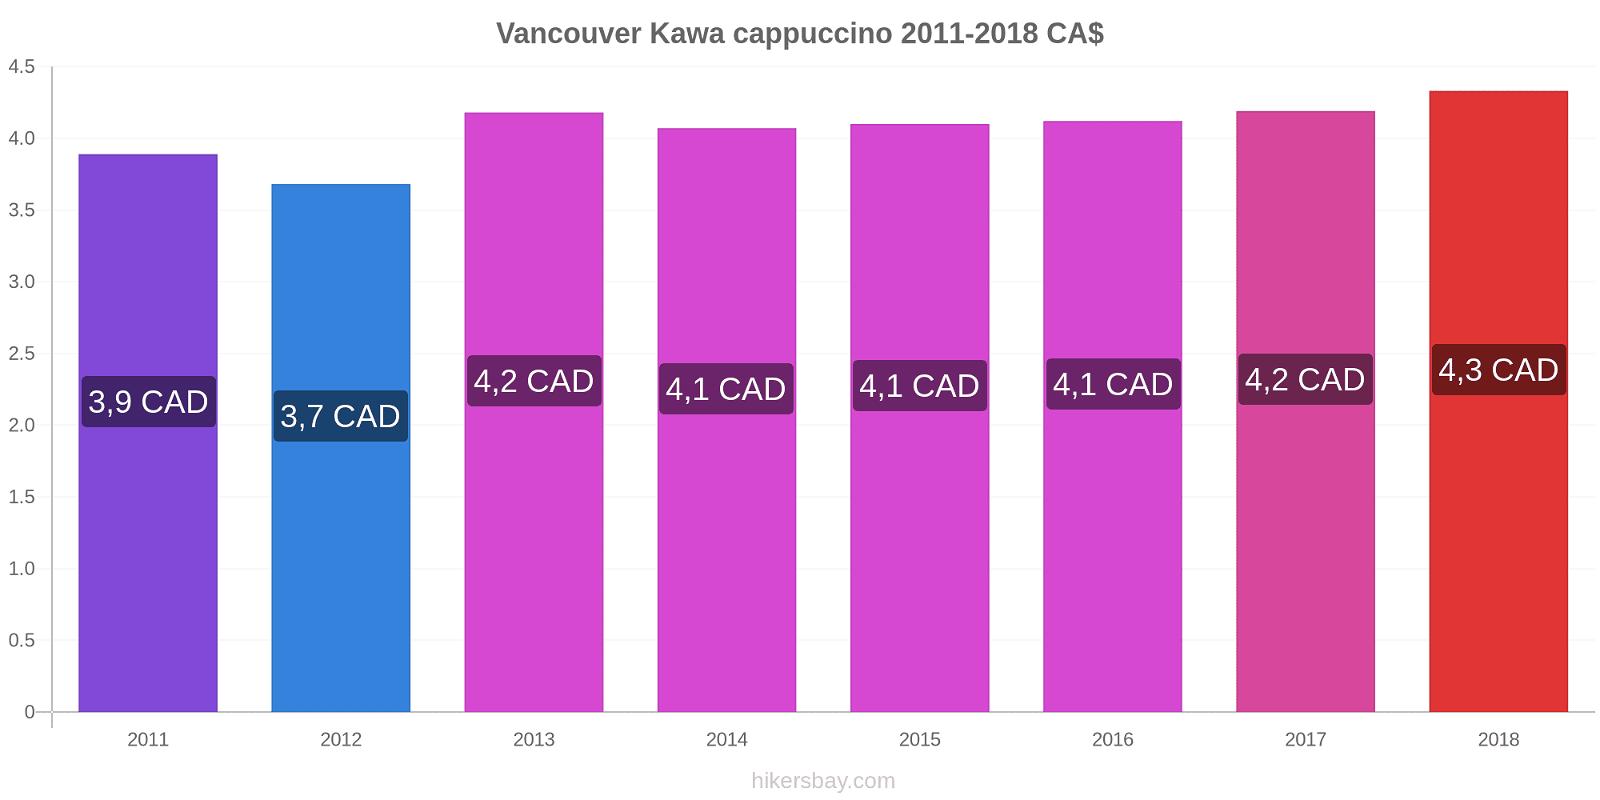 Vancouver zmiany cen Kawa cappuccino hikersbay.com